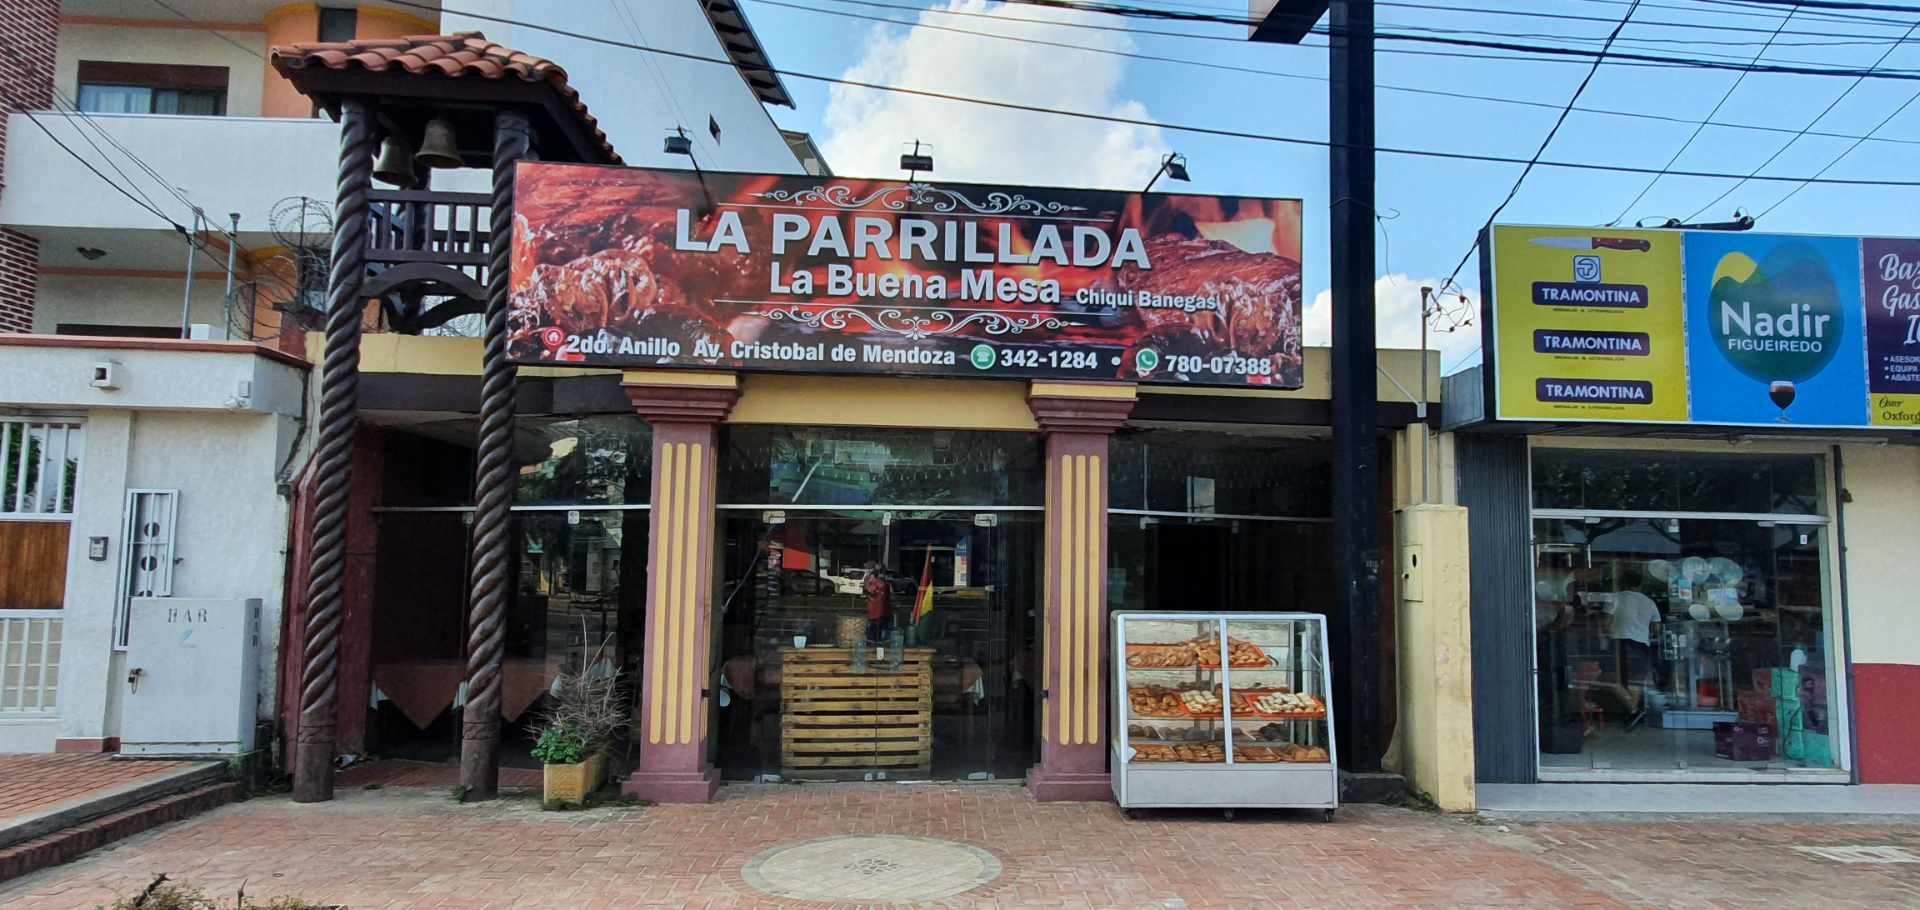 Local comercial en Venta Inmueble comercial Sobre el 2do anillo Entre Av. Alemana y Beni Foto 2